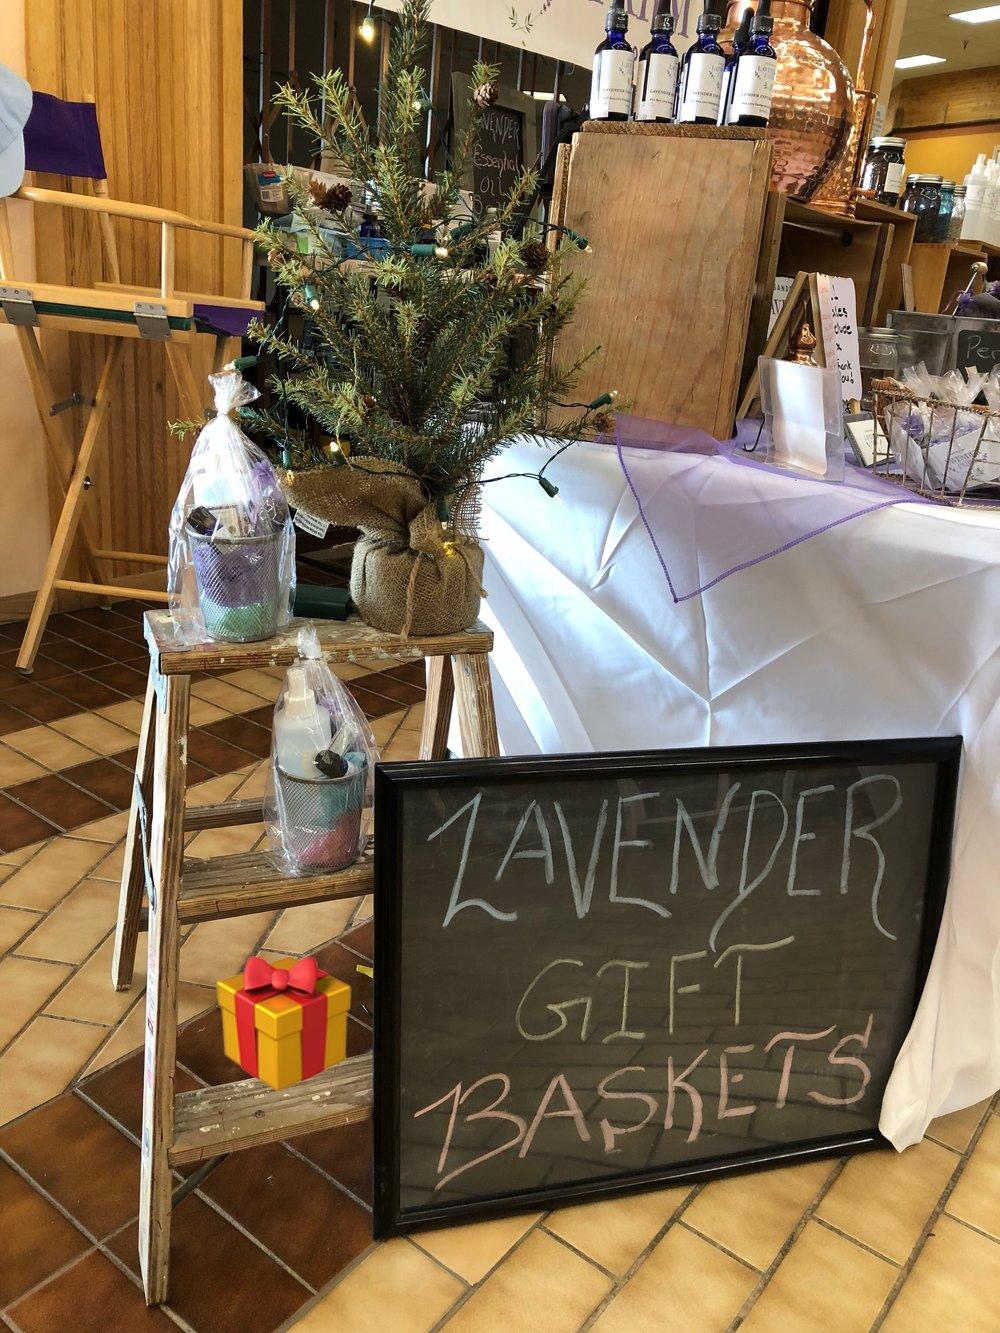 Lavender gift baskets!!💜